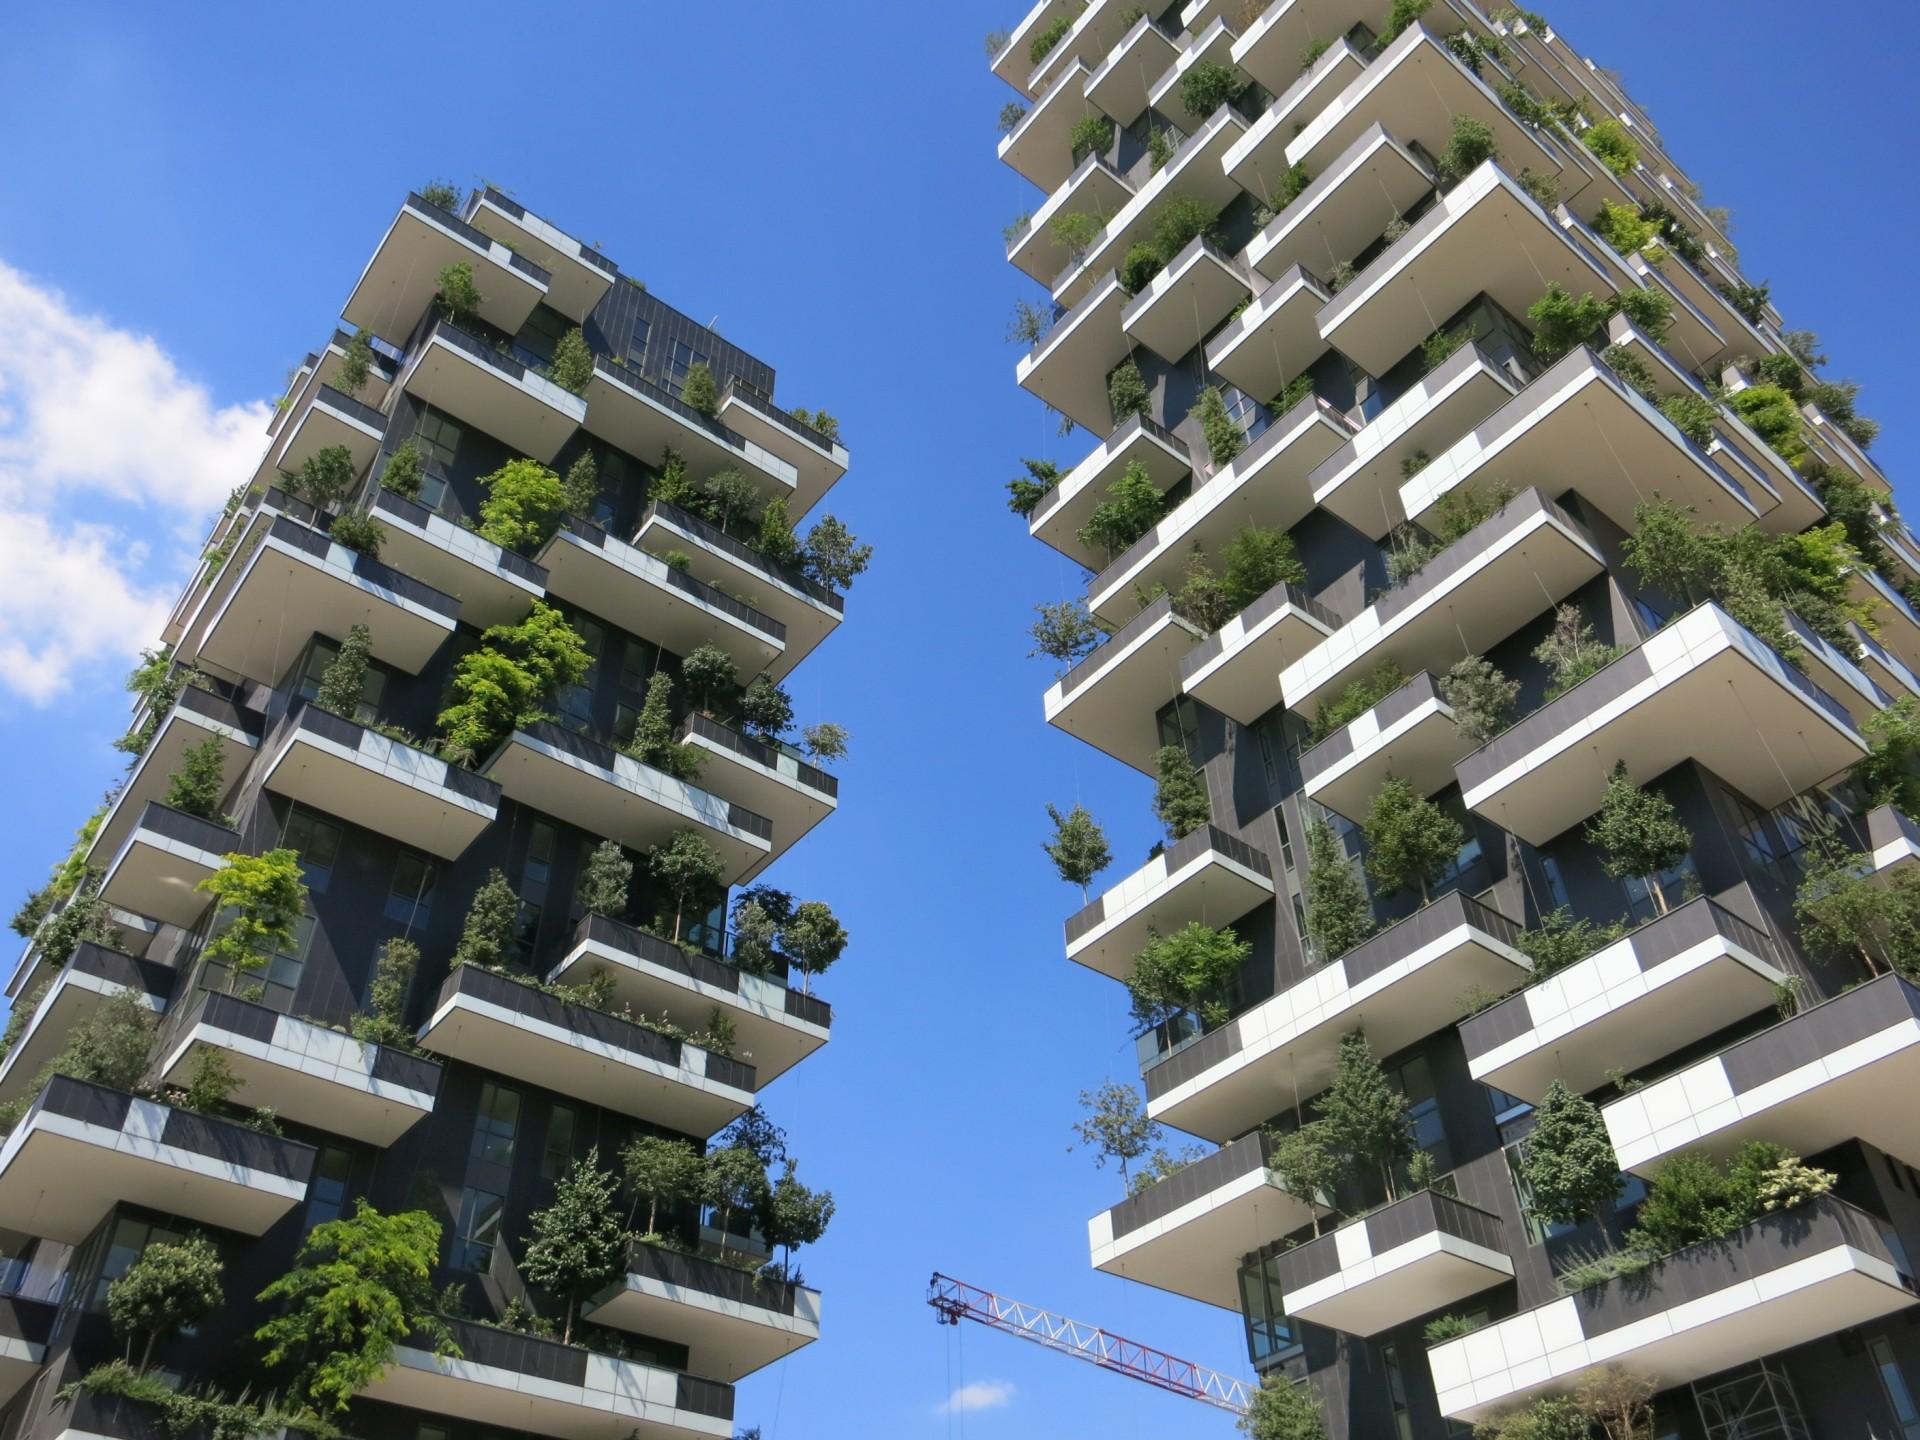 Vertikale Begrünung wohnzimmerz vertikale begrünung with verticalis big pflanzenwand